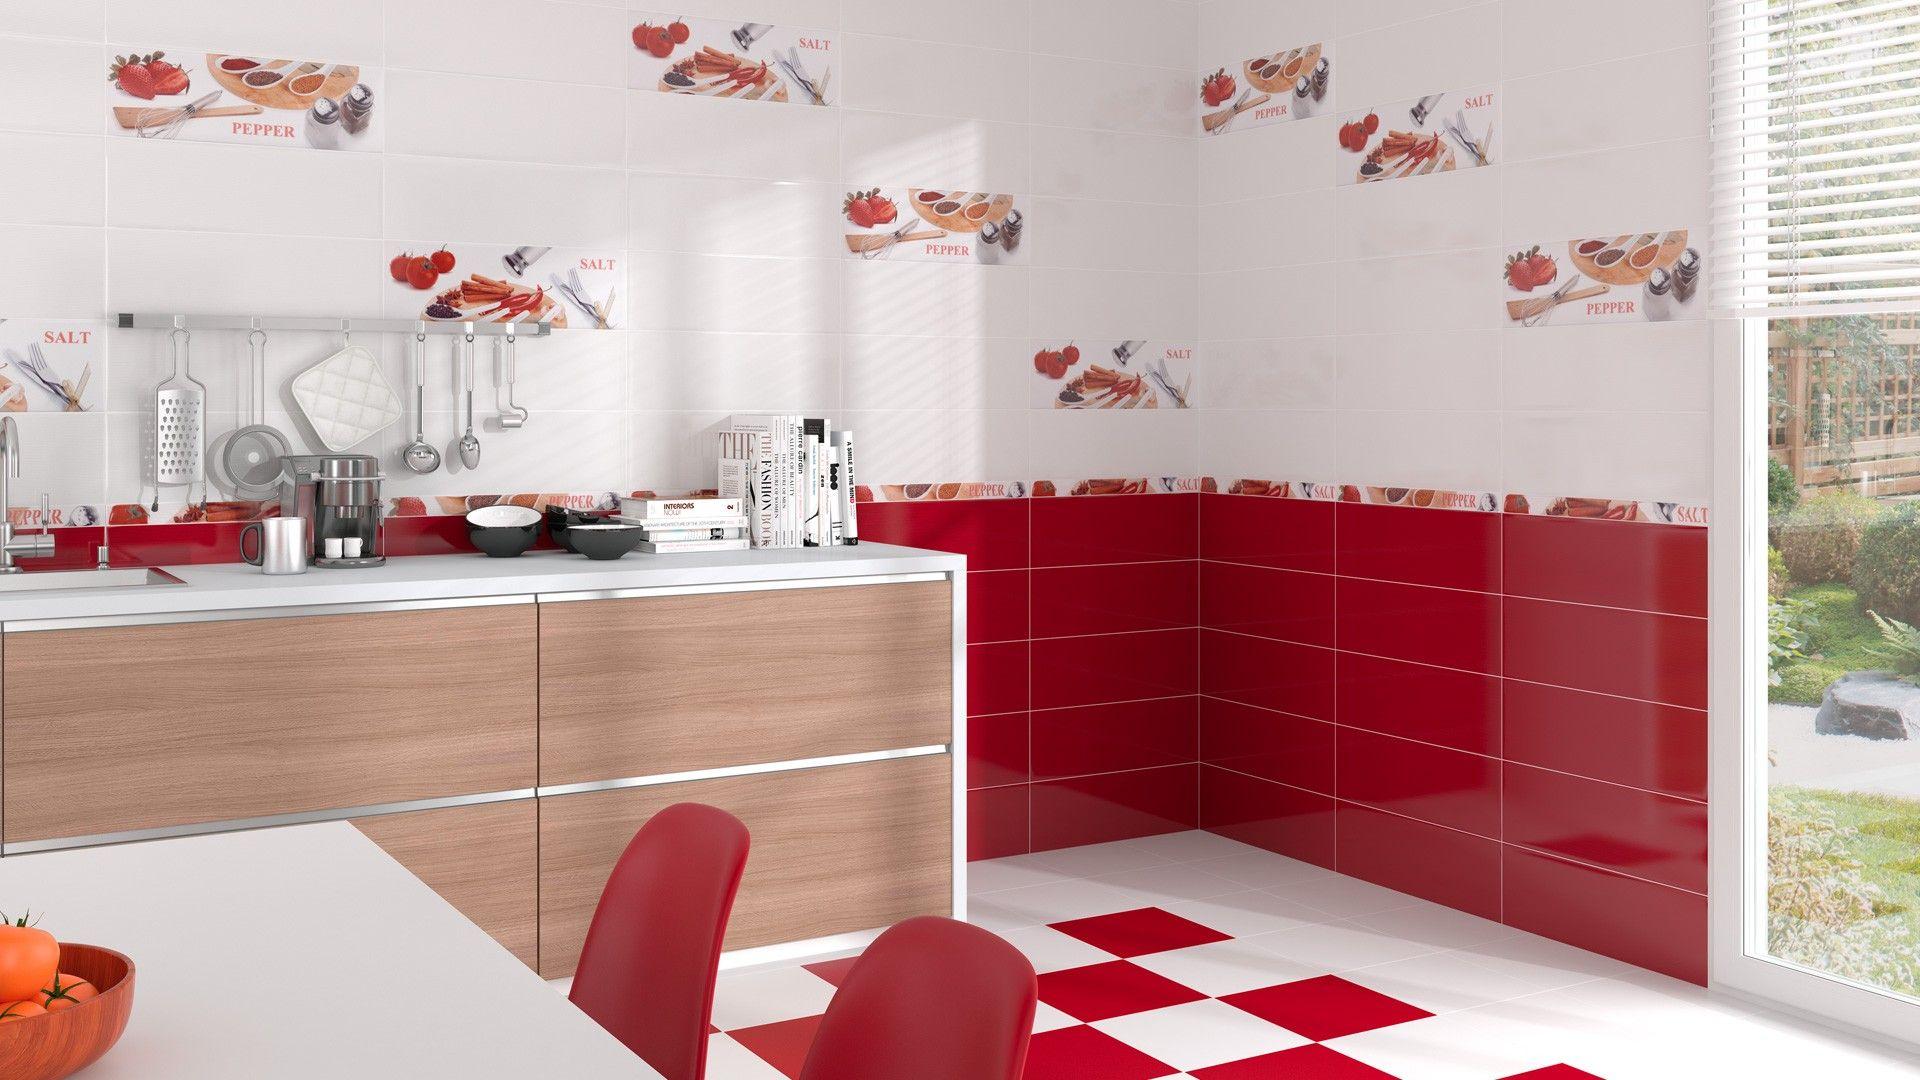 Pomodoro 20x60 Disenos De Ceramica Disenos De Unas Cocinas